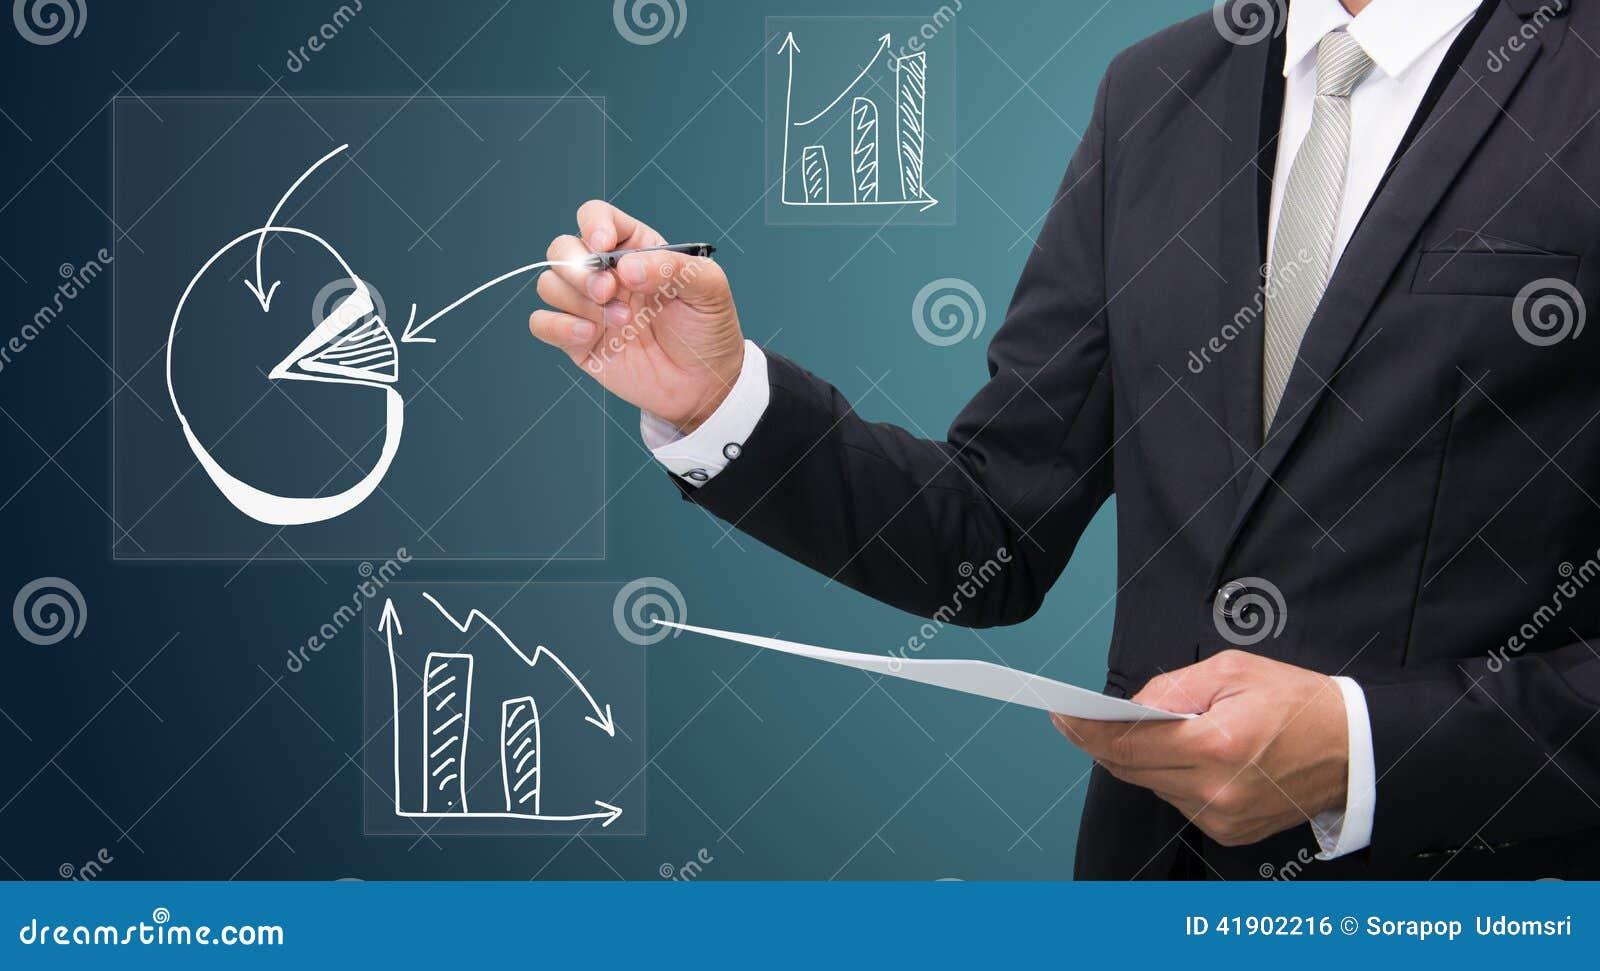 Control derecho de la mano de la postura del hombre de negocios una pluma aislada